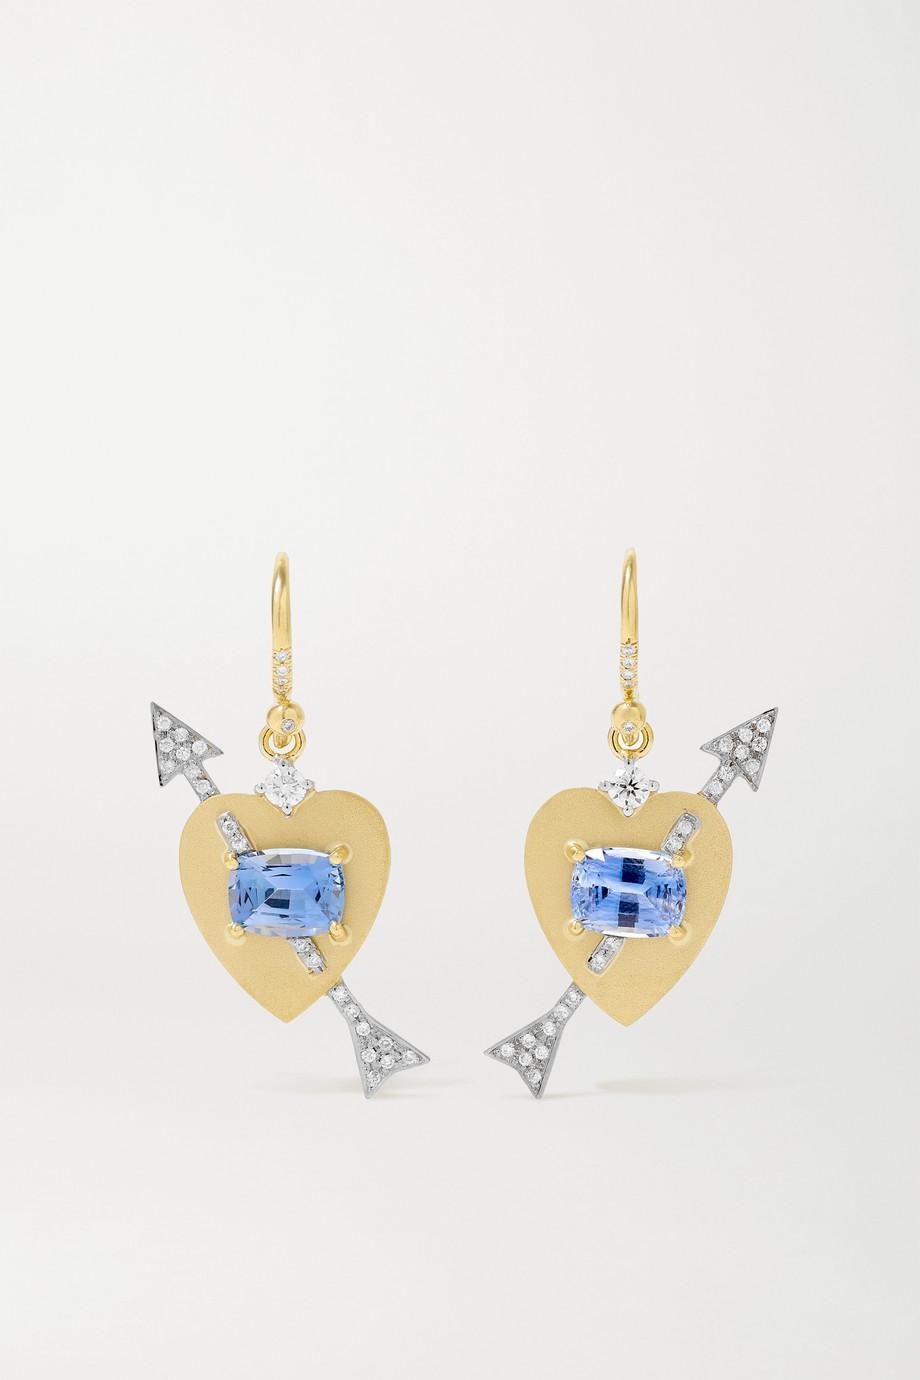 Irene Neuwirth True Love 18-karat yellow and white gold, sapphire and diamond earrings